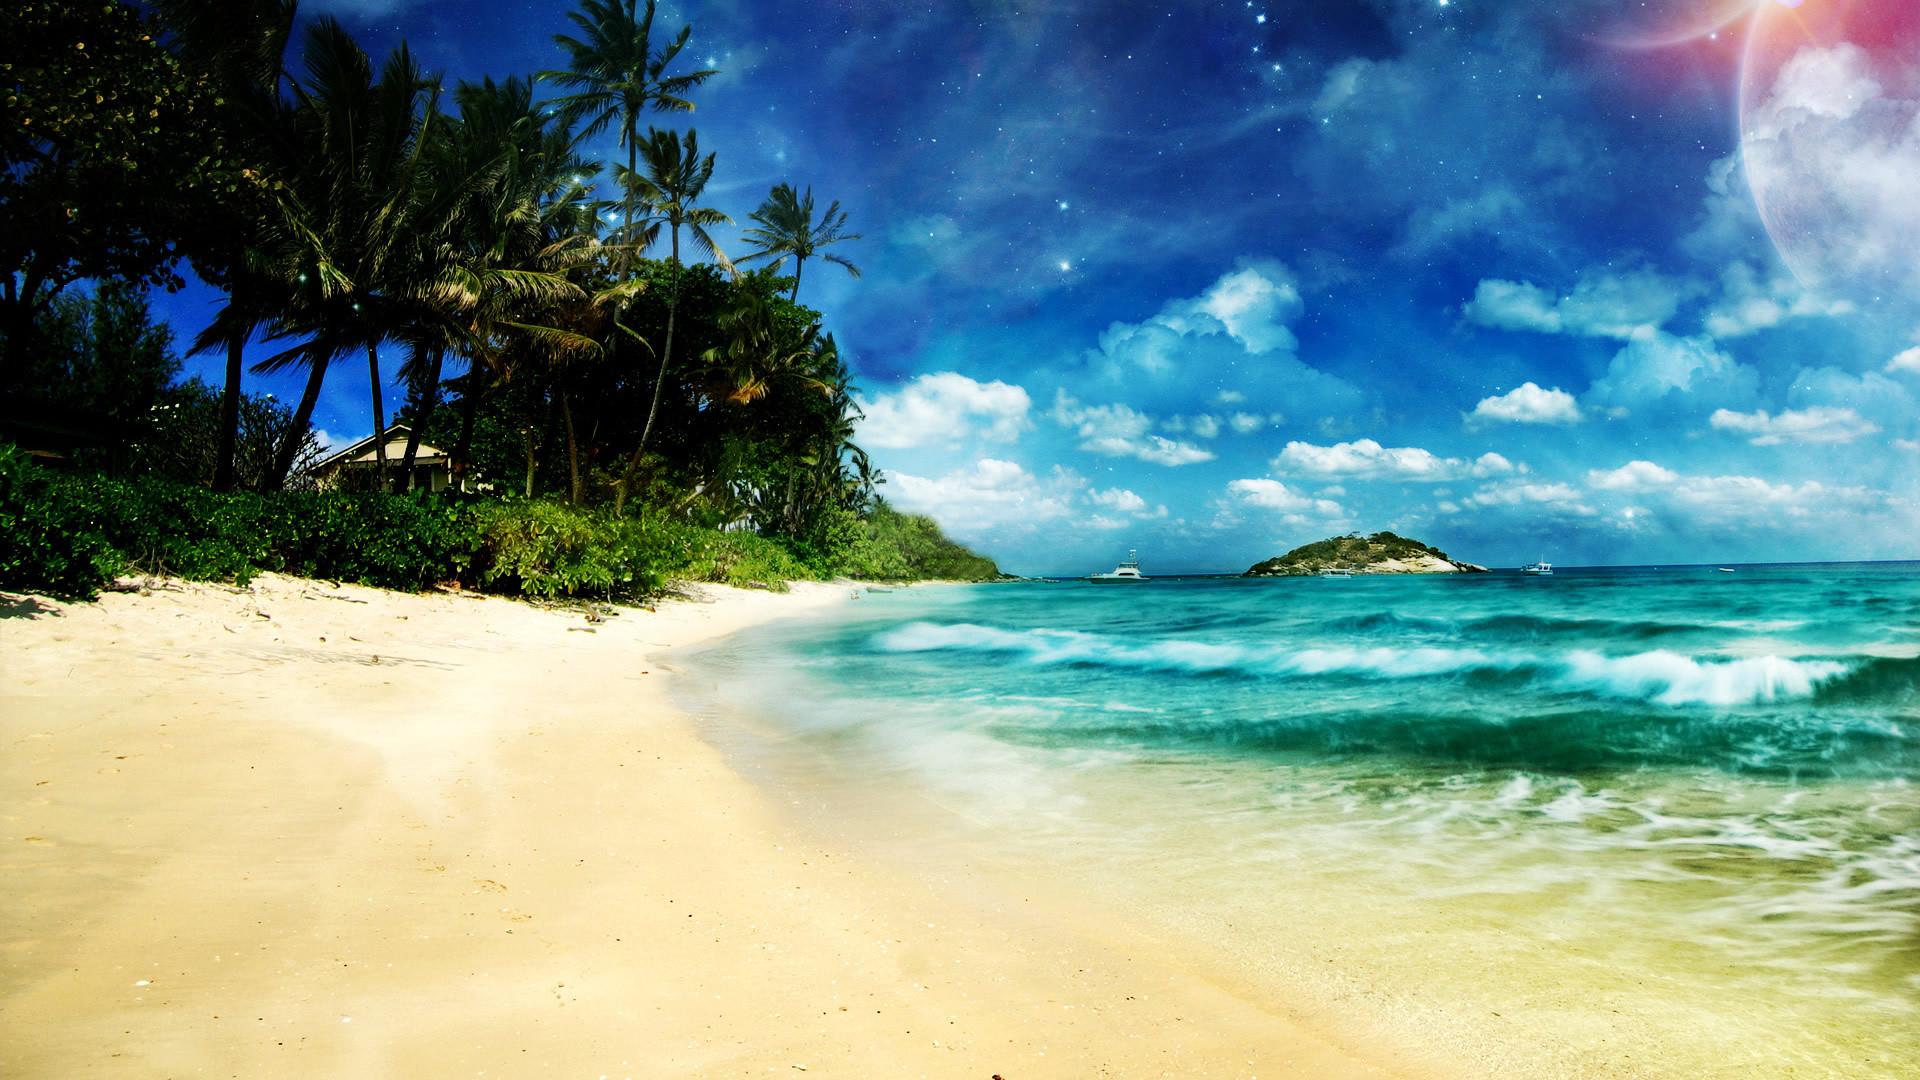 16637 скачать обои Пейзаж, Море, Облака, Пляж - заставки и картинки бесплатно